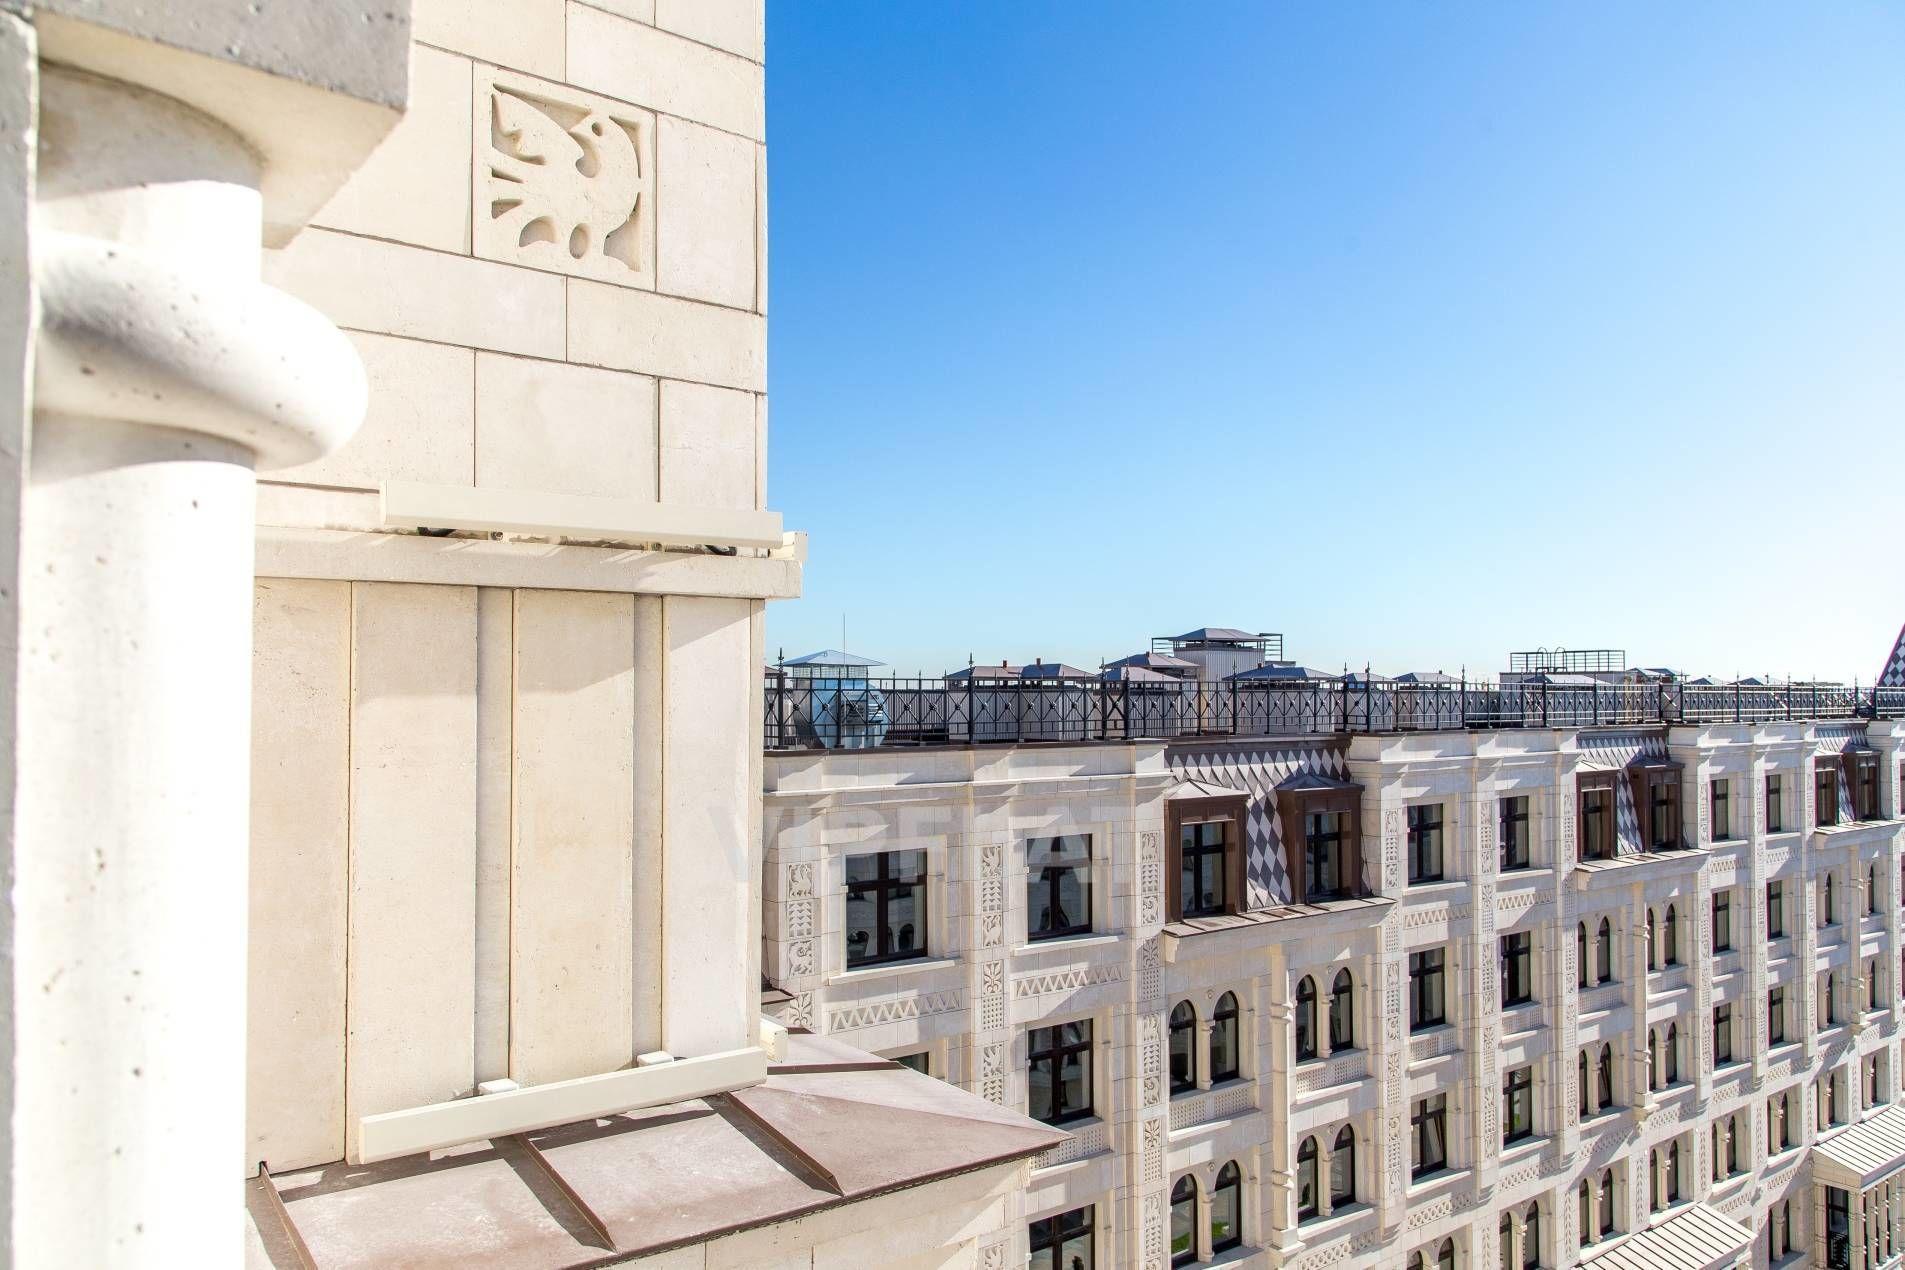 Продажа элитных квартир Санкт-Петербурга. Басков пер., 2 Живописный вид на крыши города